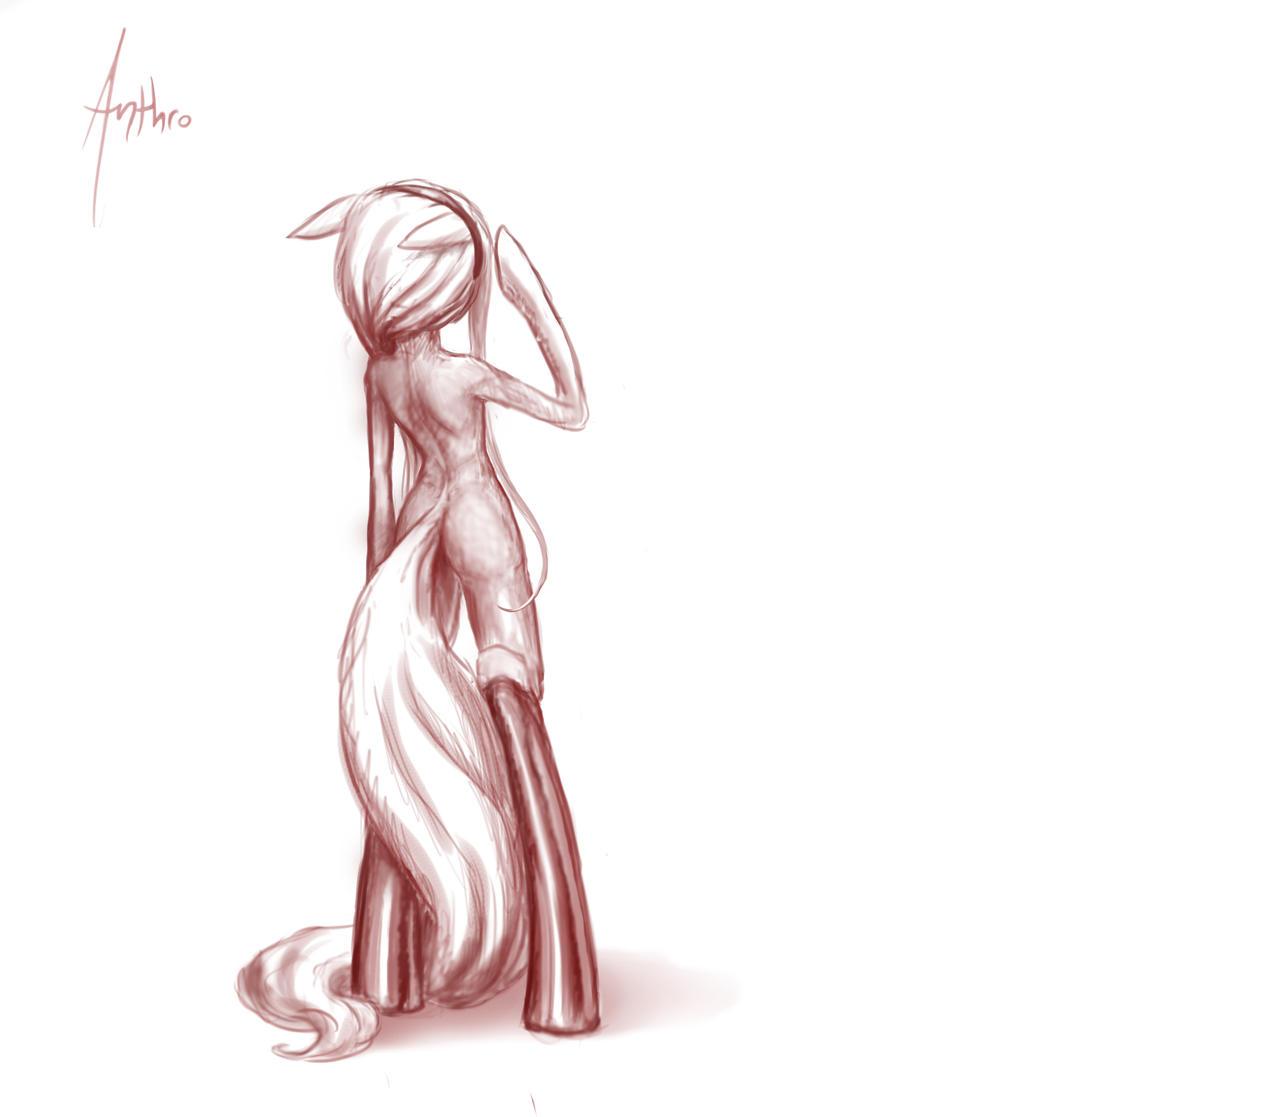 Anthro Sketch by sonar-doll